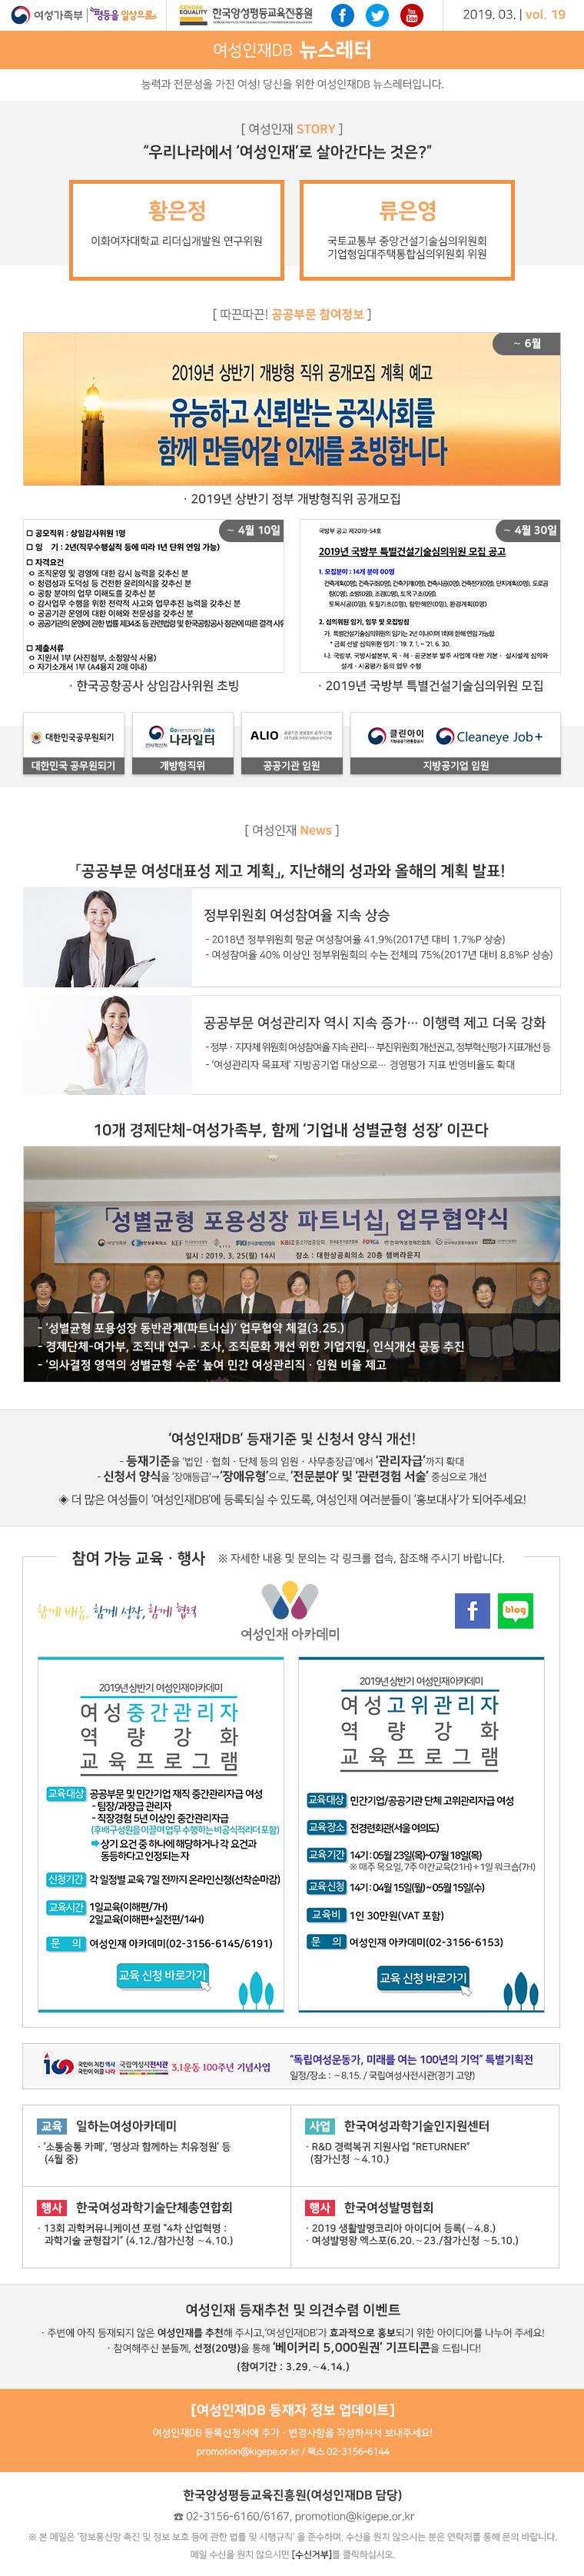 한국양성평등교육진흥원 뉴스레터